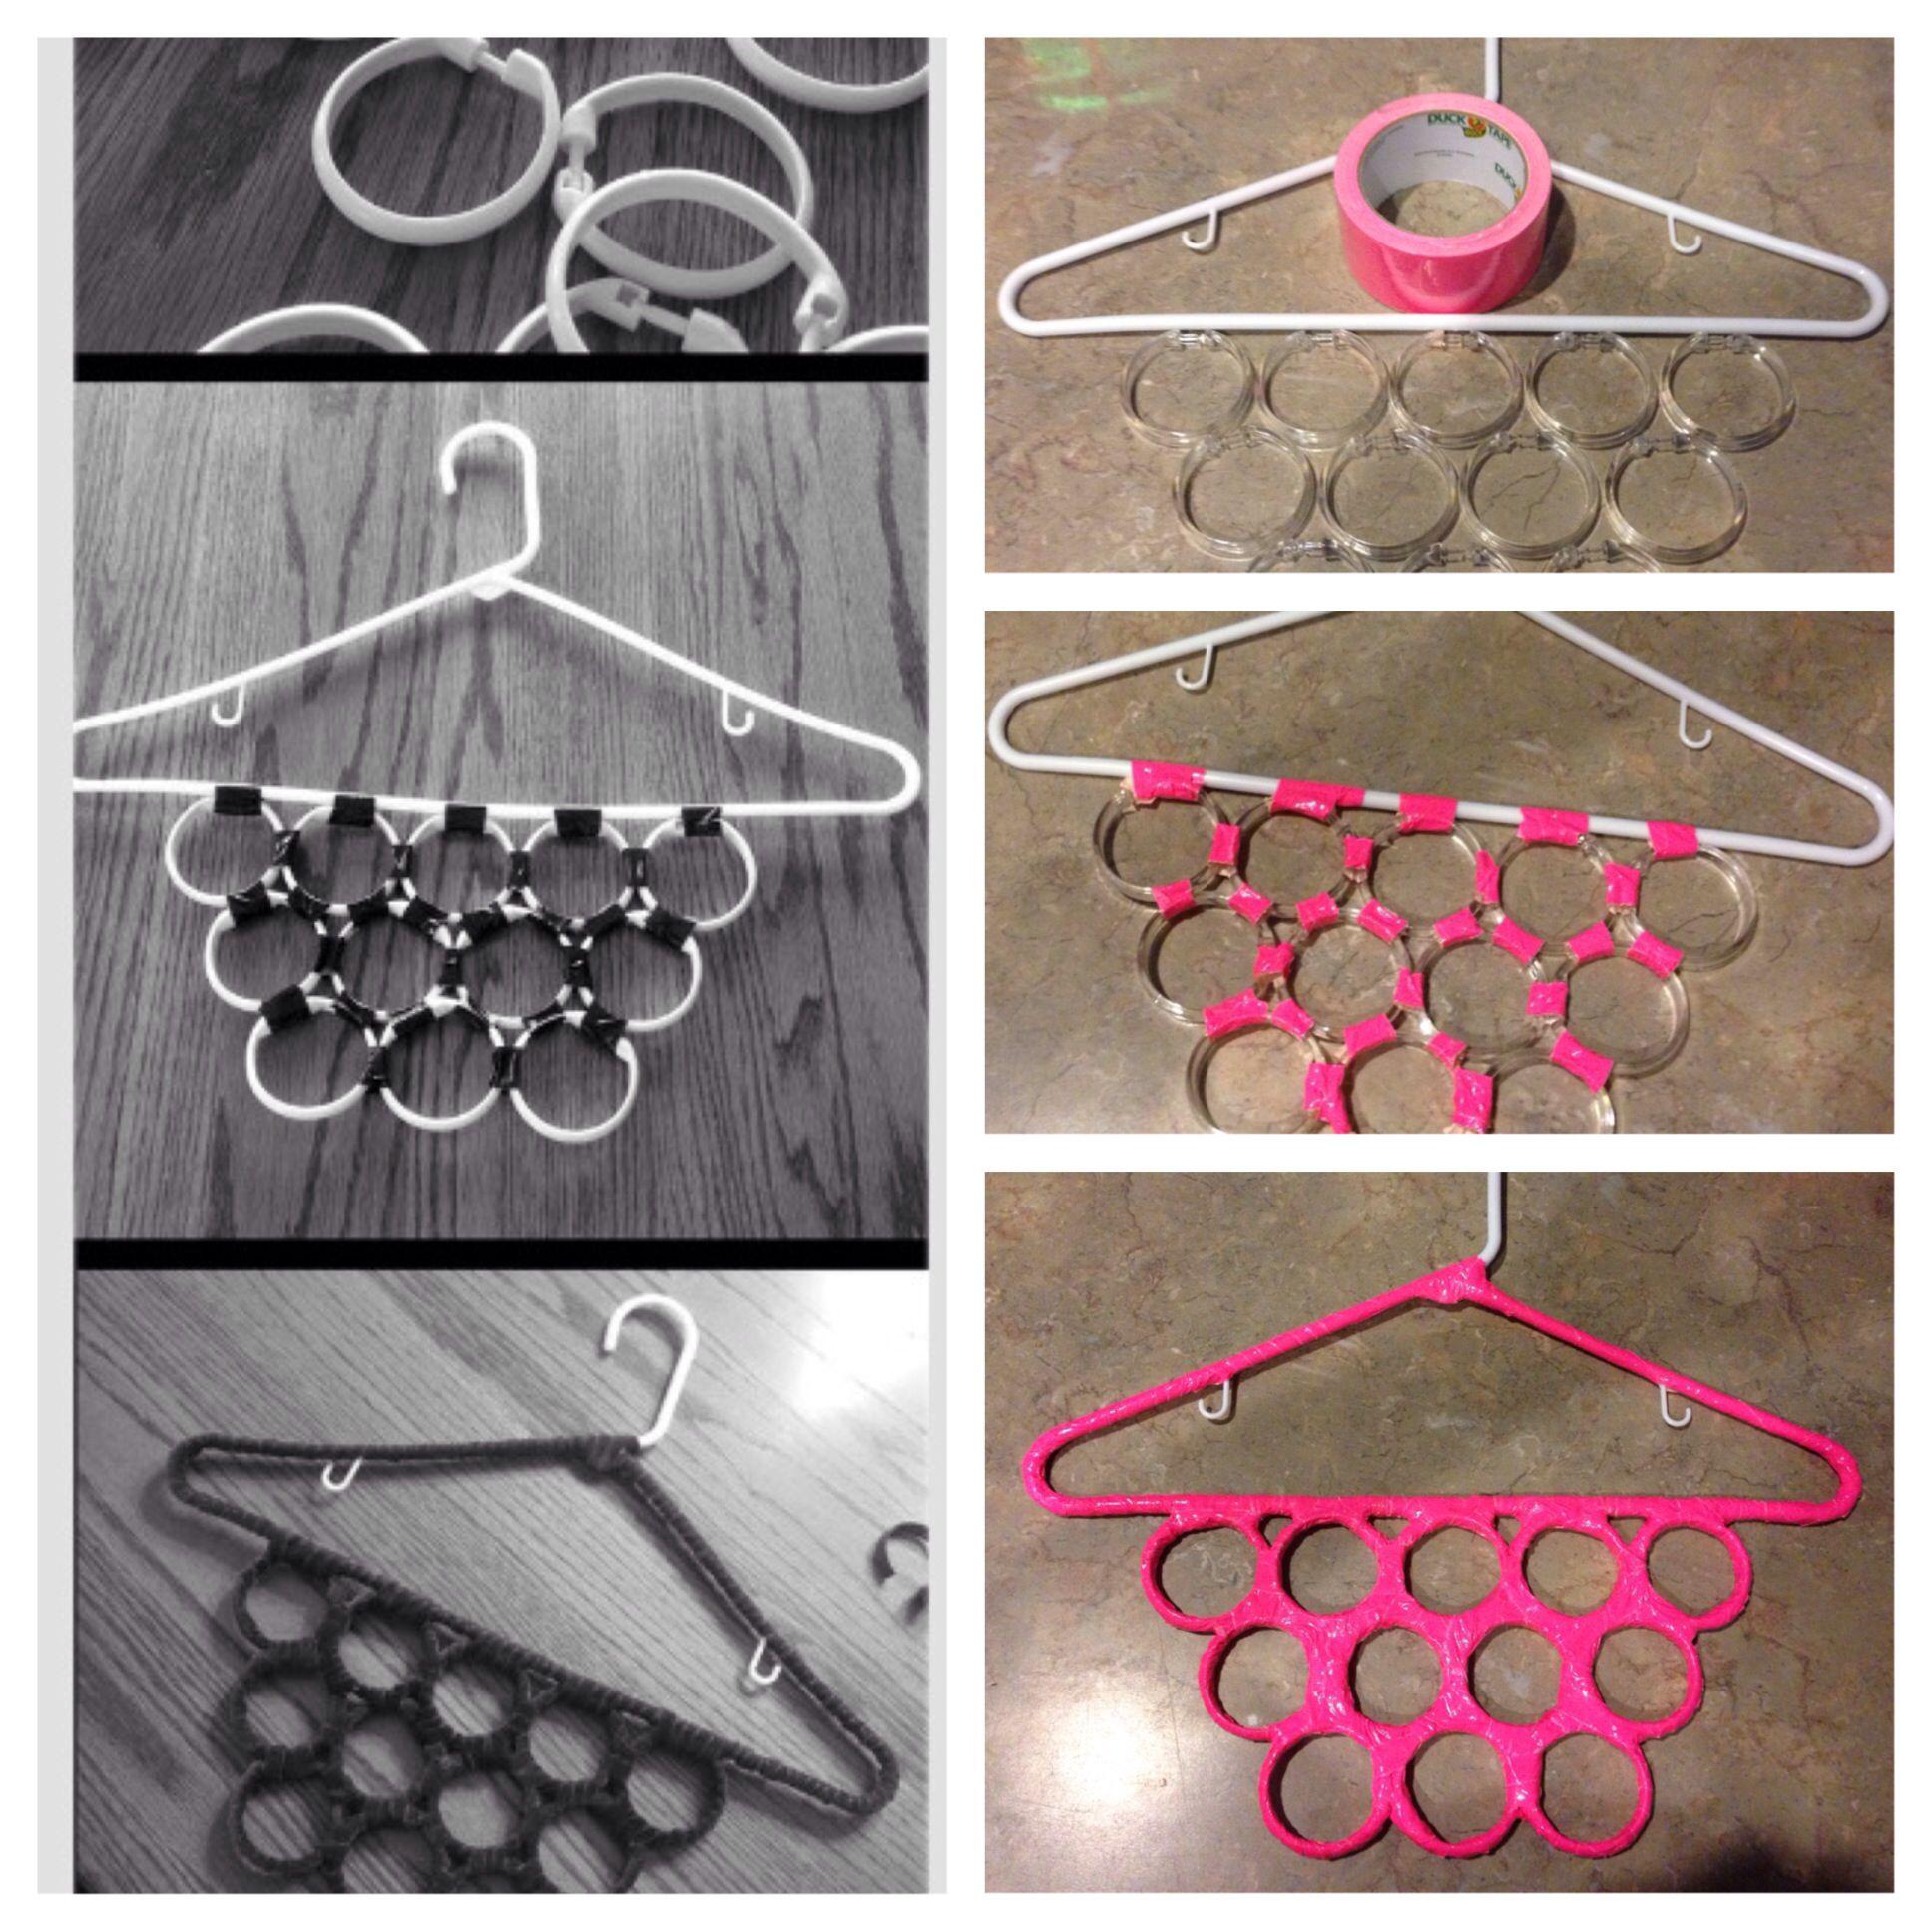 Diy scarf hanger diy pinterest the hanger diy and for S hooks for crafts